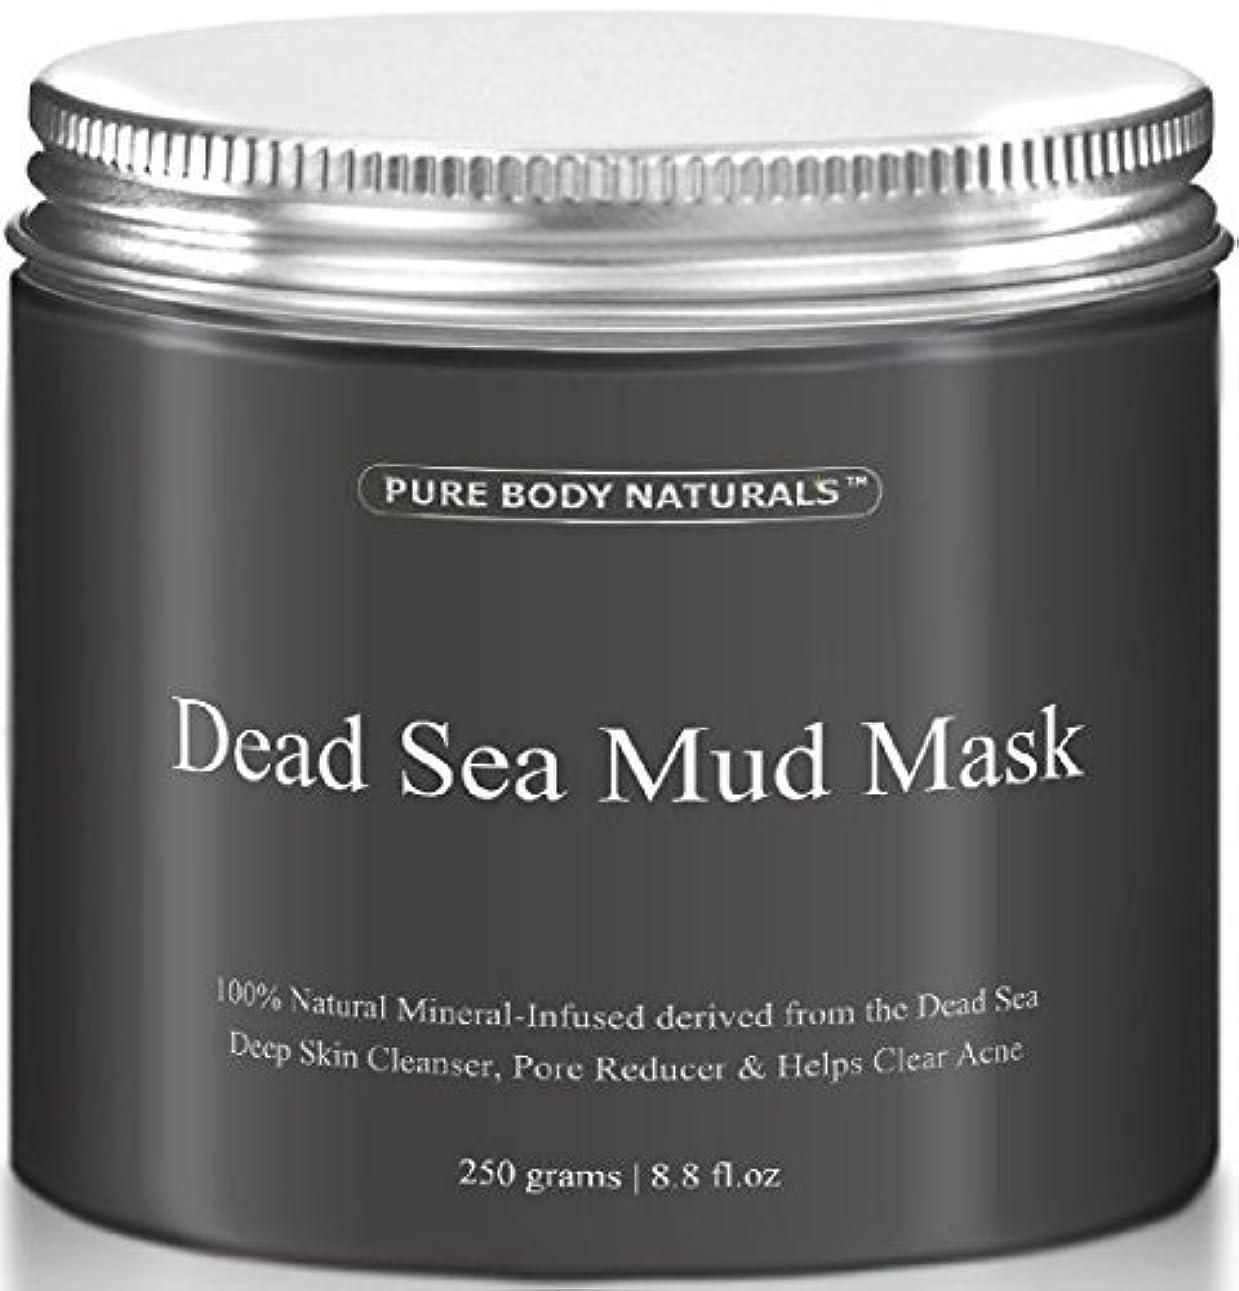 脅迫苦しむ順応性のあるDead Sea Mud Mask 死海の泥マスク 250g [並行輸入品]